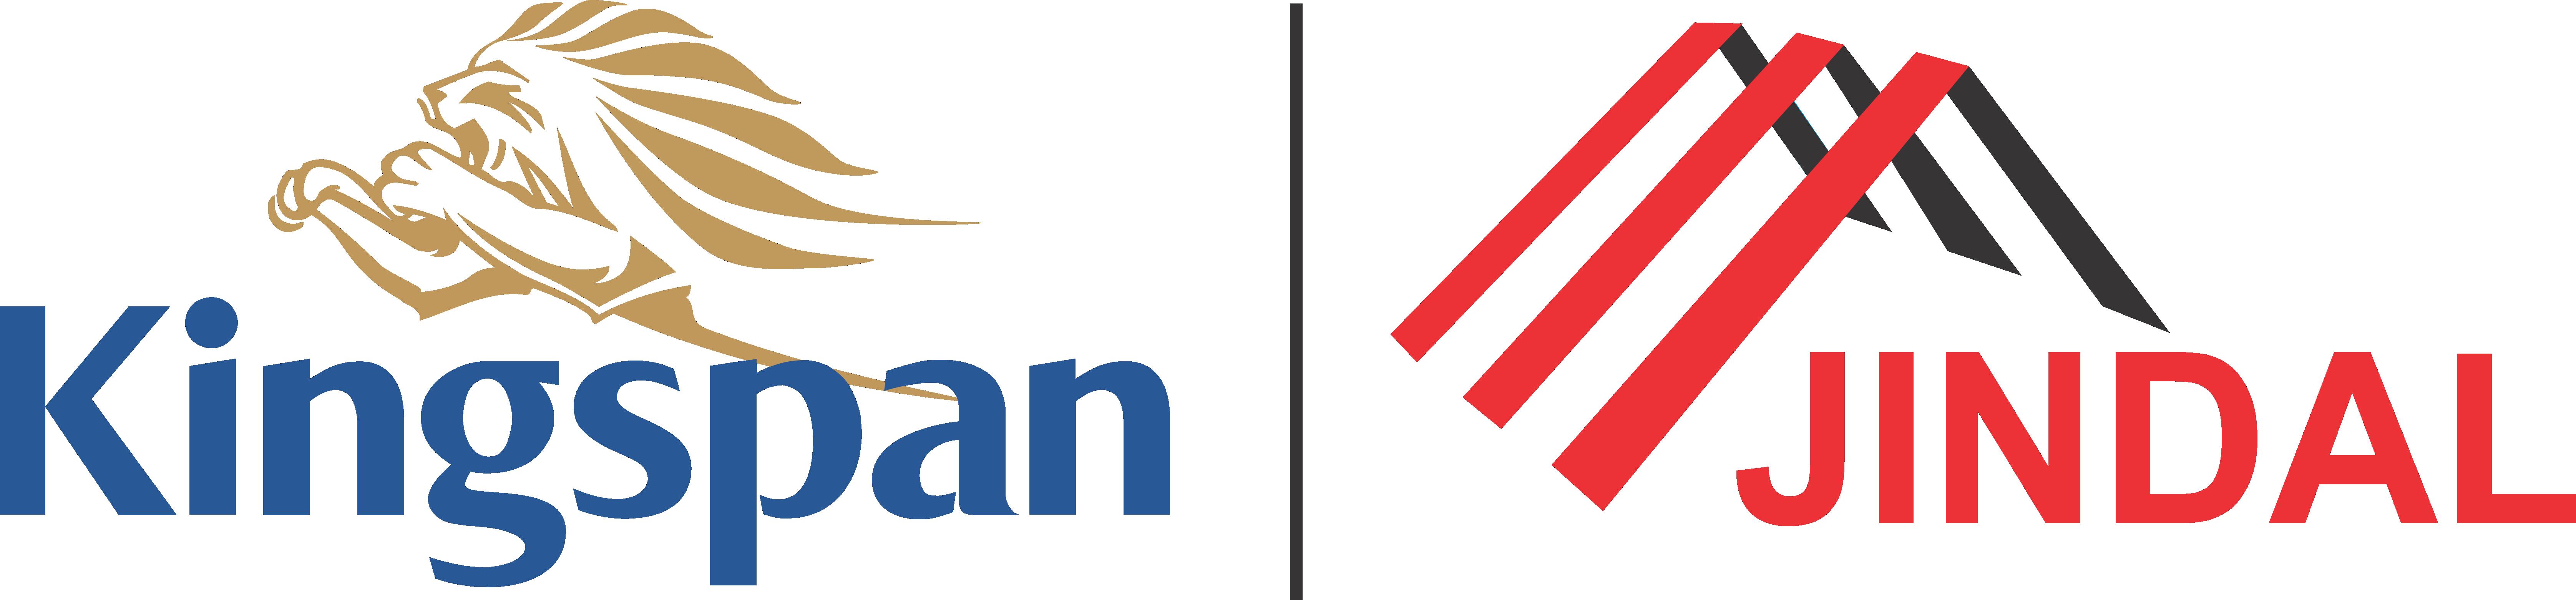 Kingspan Jindal logo